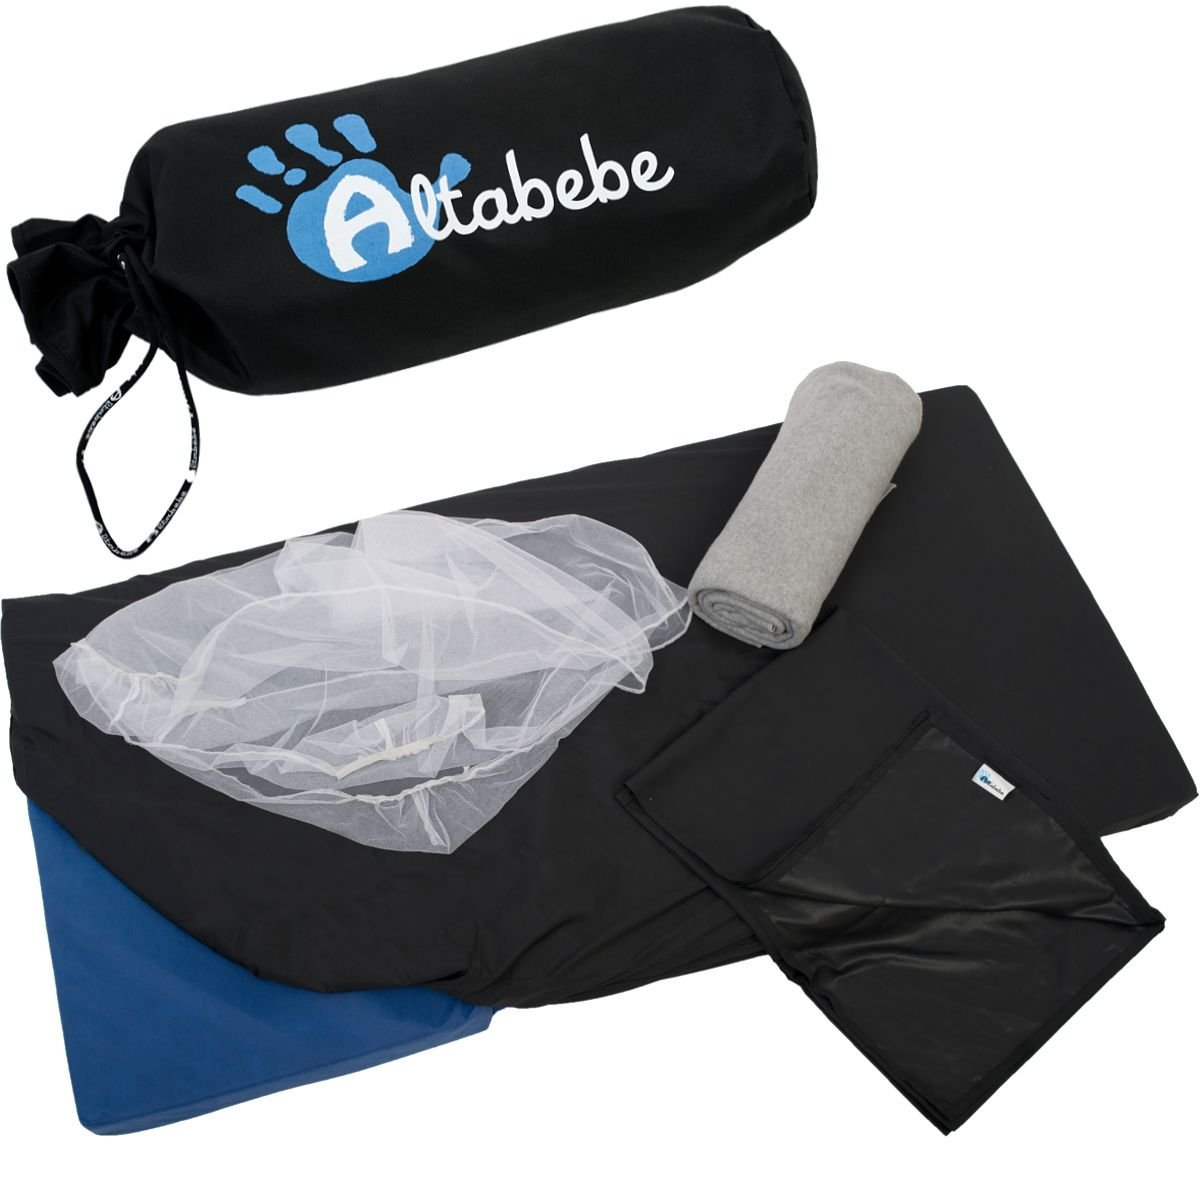 Купить Набор аксессуаров для путешествий 4 в 1: москитная сетка, одеяло из флиса, сумка, простыня, чехол, Altabebe